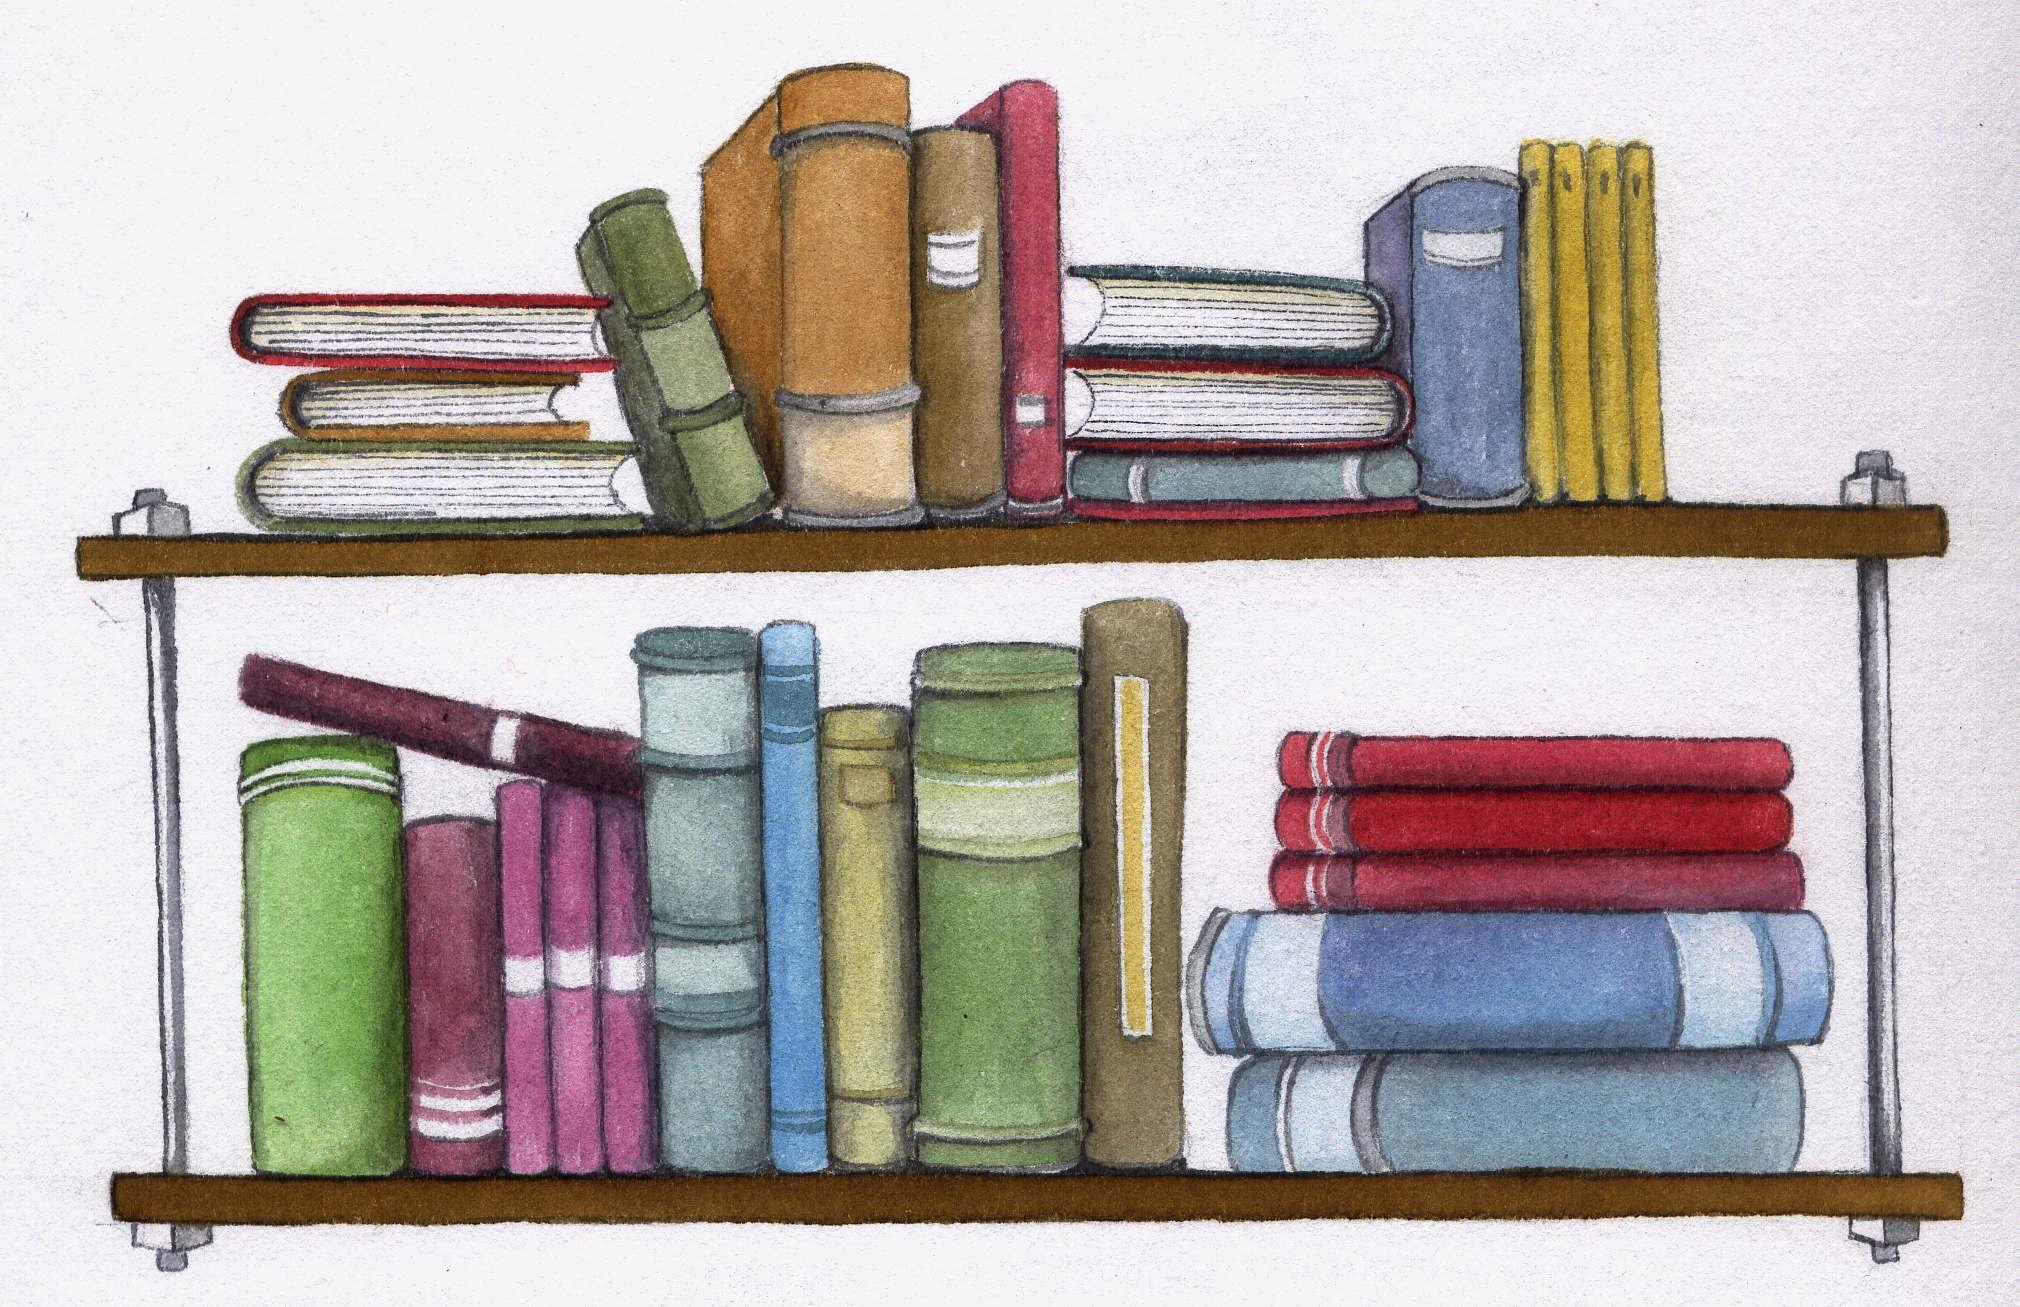 Estanteria libros miles de textos Estanteria de libros